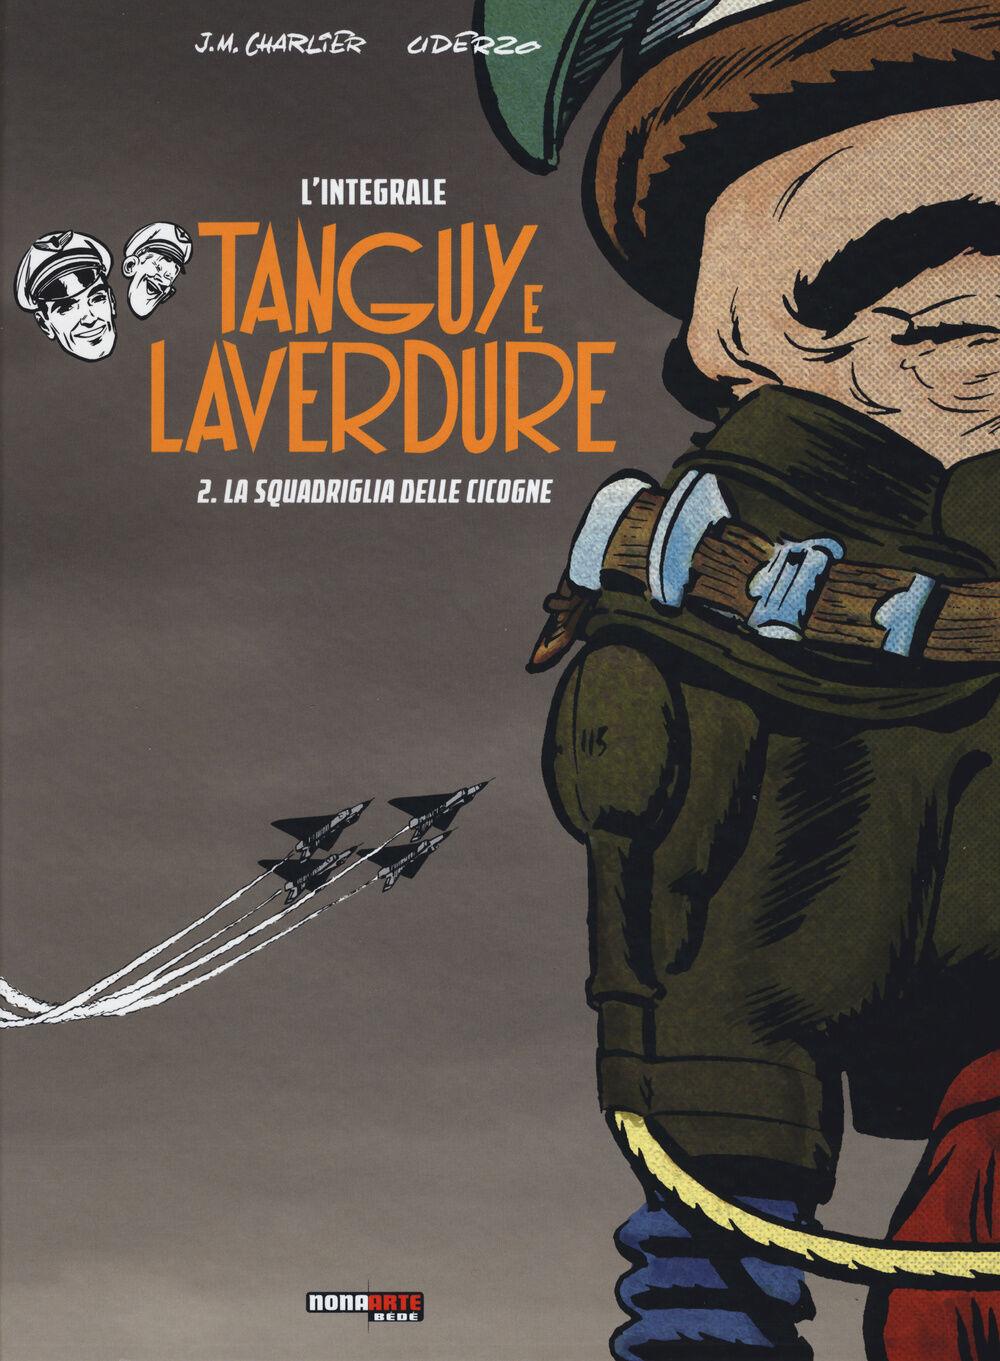 La scuola delle cicogne. Tanguy e Laverdure. L'integrale. Vol. 2